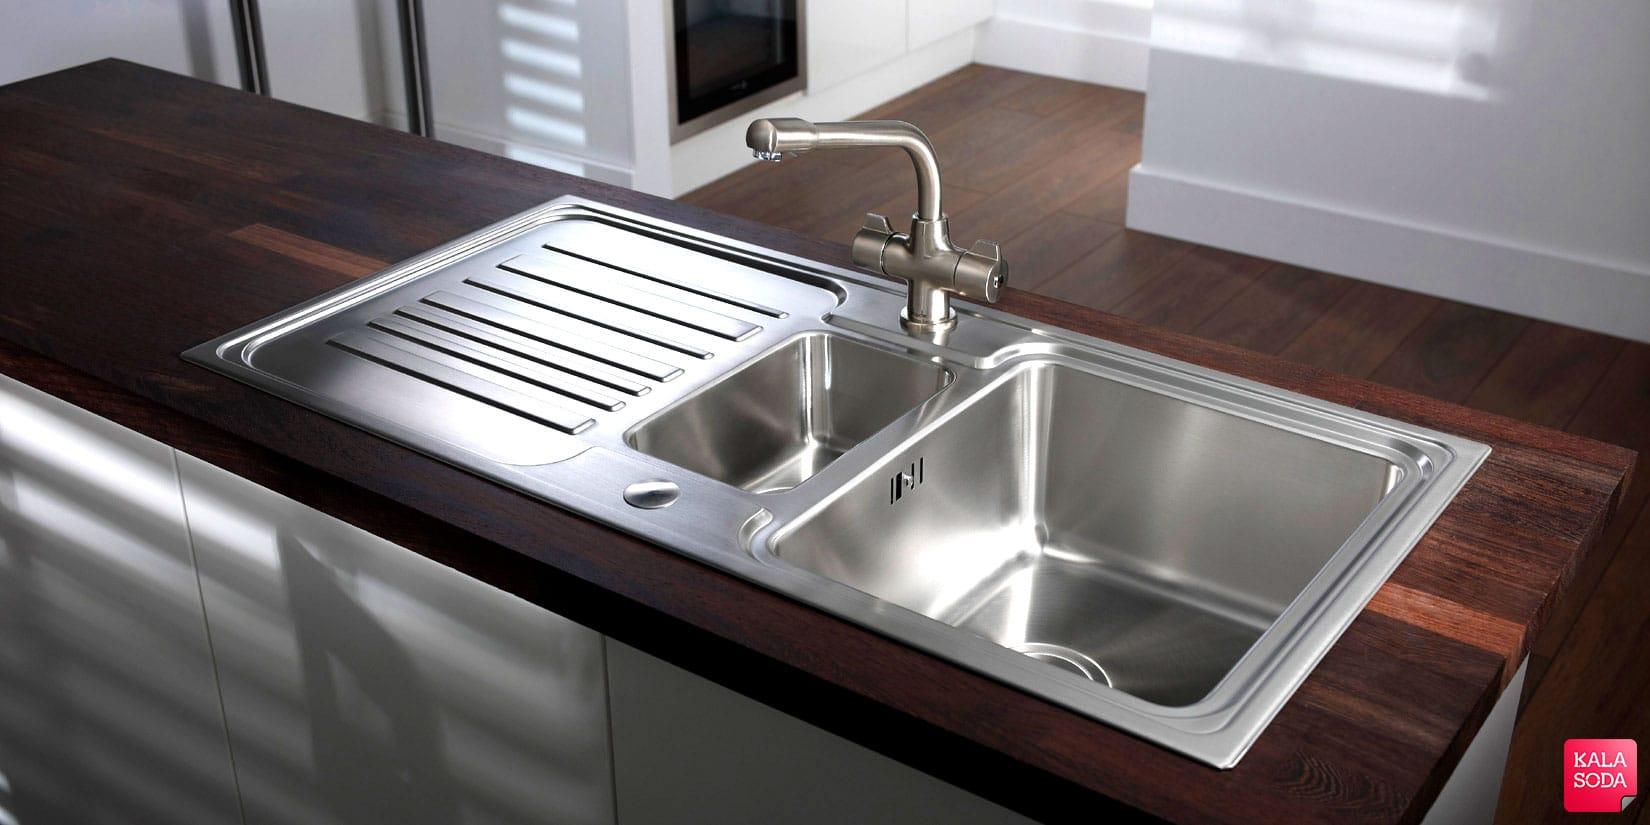 اینترنت اشیا به سینک ظرفشویی رسید! کالاسودا